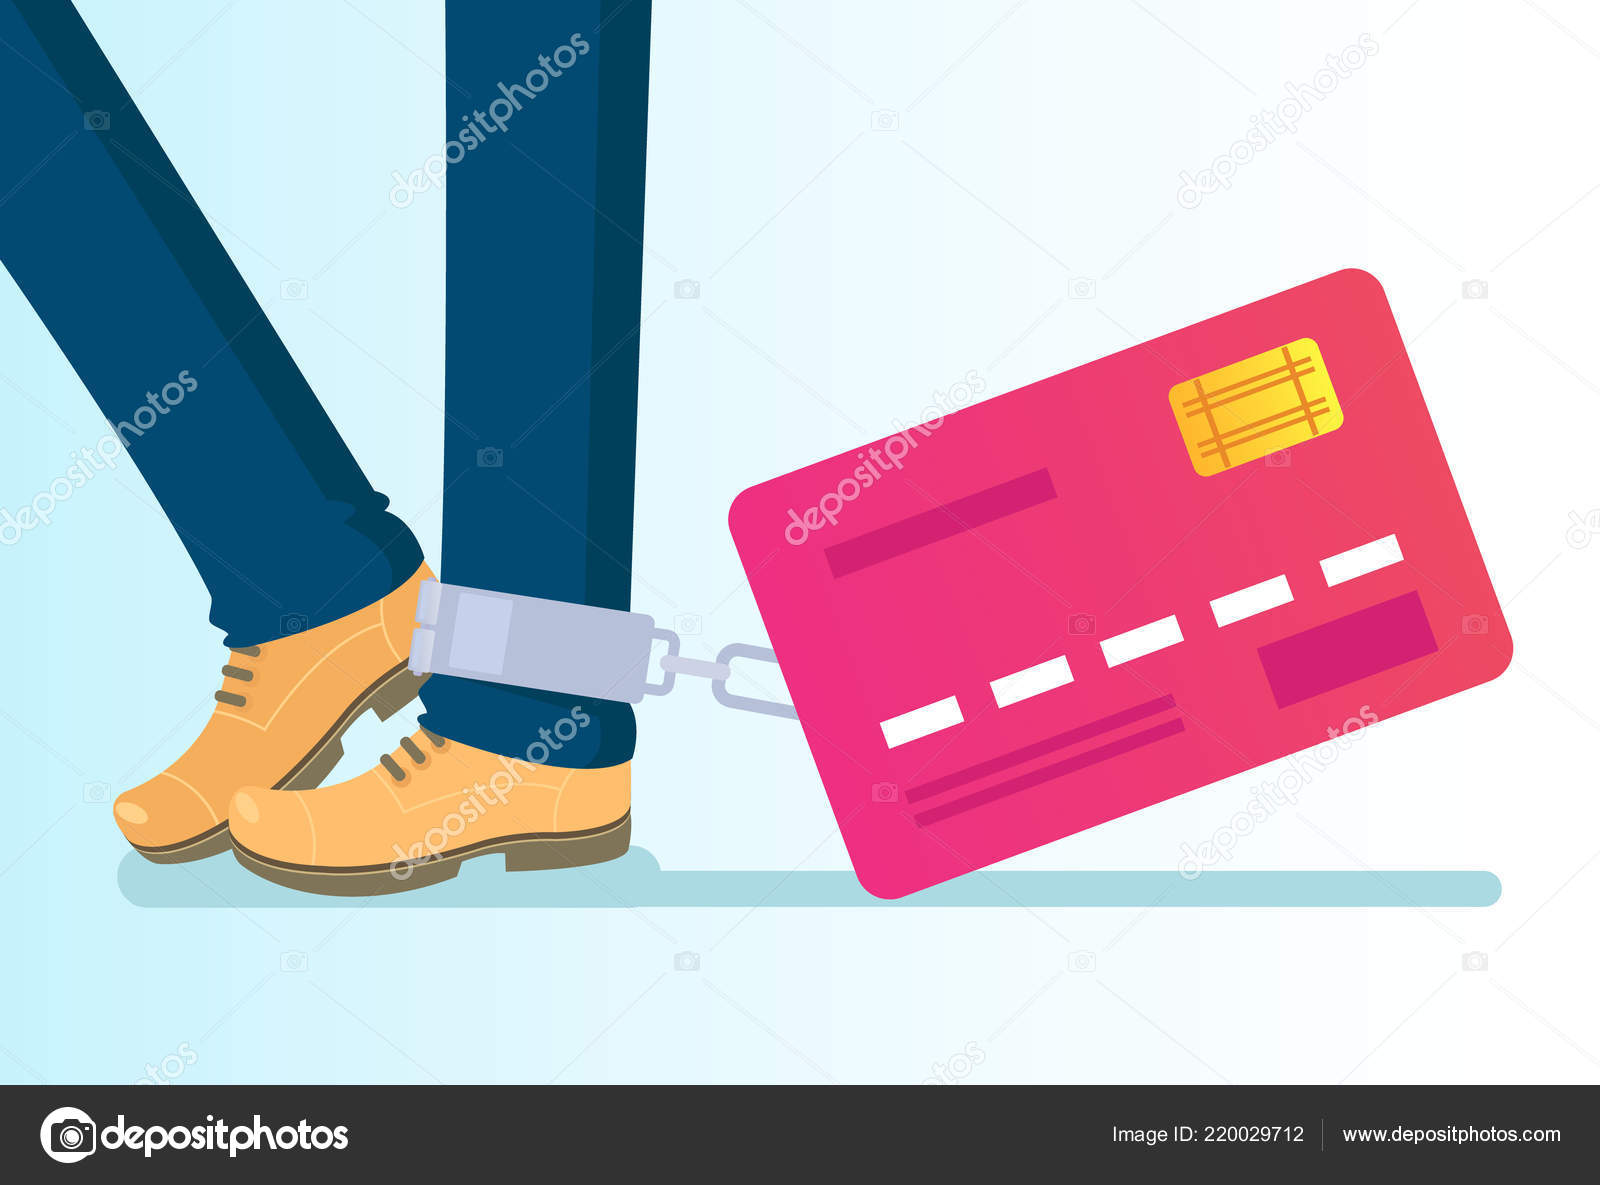 Velky Kreditni Karty Vazano Noze Retezy Penize Kreditni Bohatstvi